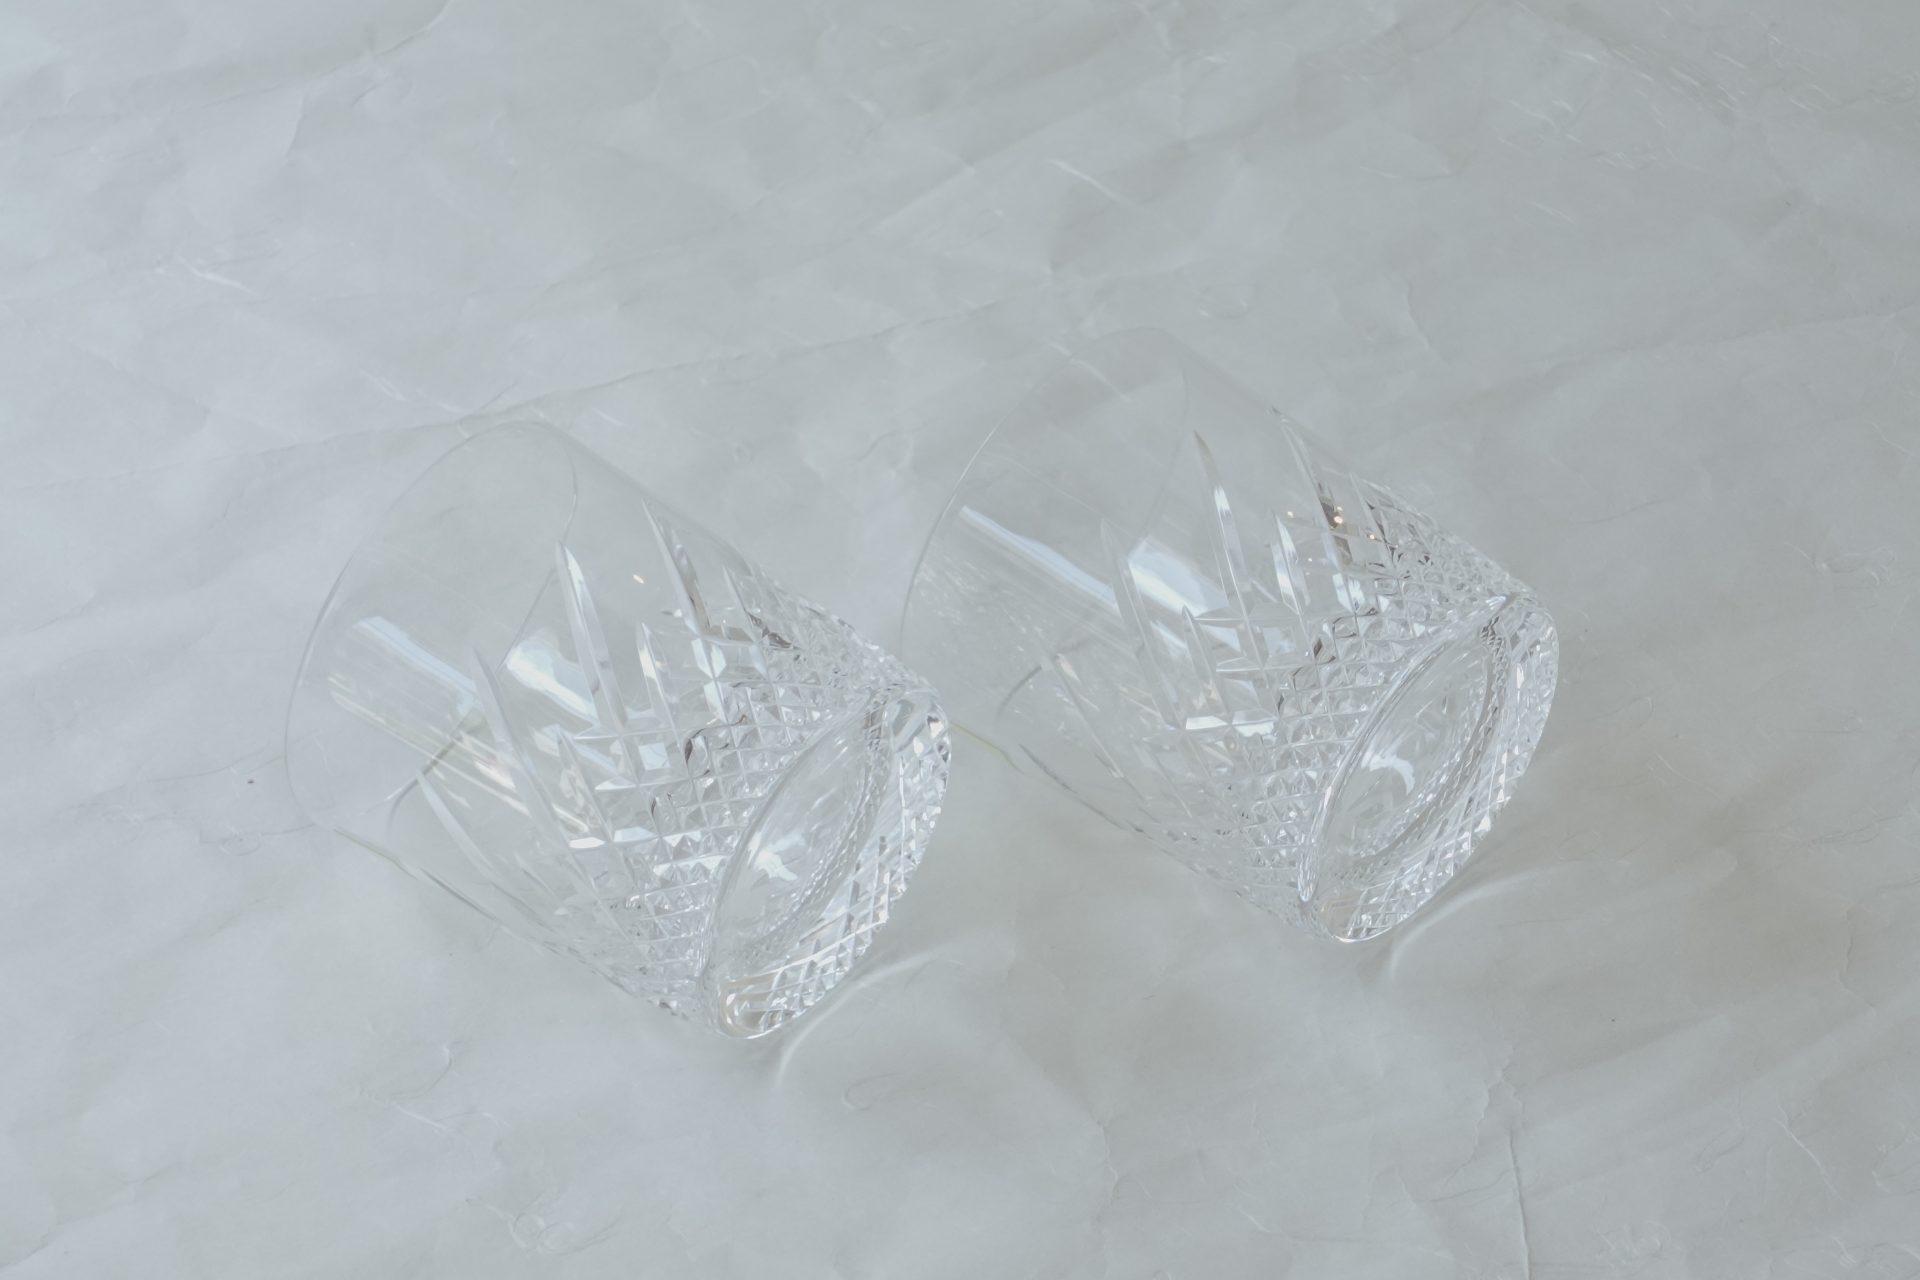 ガラス器 日本製 ハンドカット ロックグラス ペア クリスタルガラス 高い透明度 美しい輝き 水晶のように輝く 打音 音色が澄んで 余韻が残る 重量感 重厚感 高級感 高い技術 素材 カット技術 こだわったグラス 最上級 お酒 ほとんどの飲み物 口が広い 氷入れやすい 内側洗いやすい 安定感